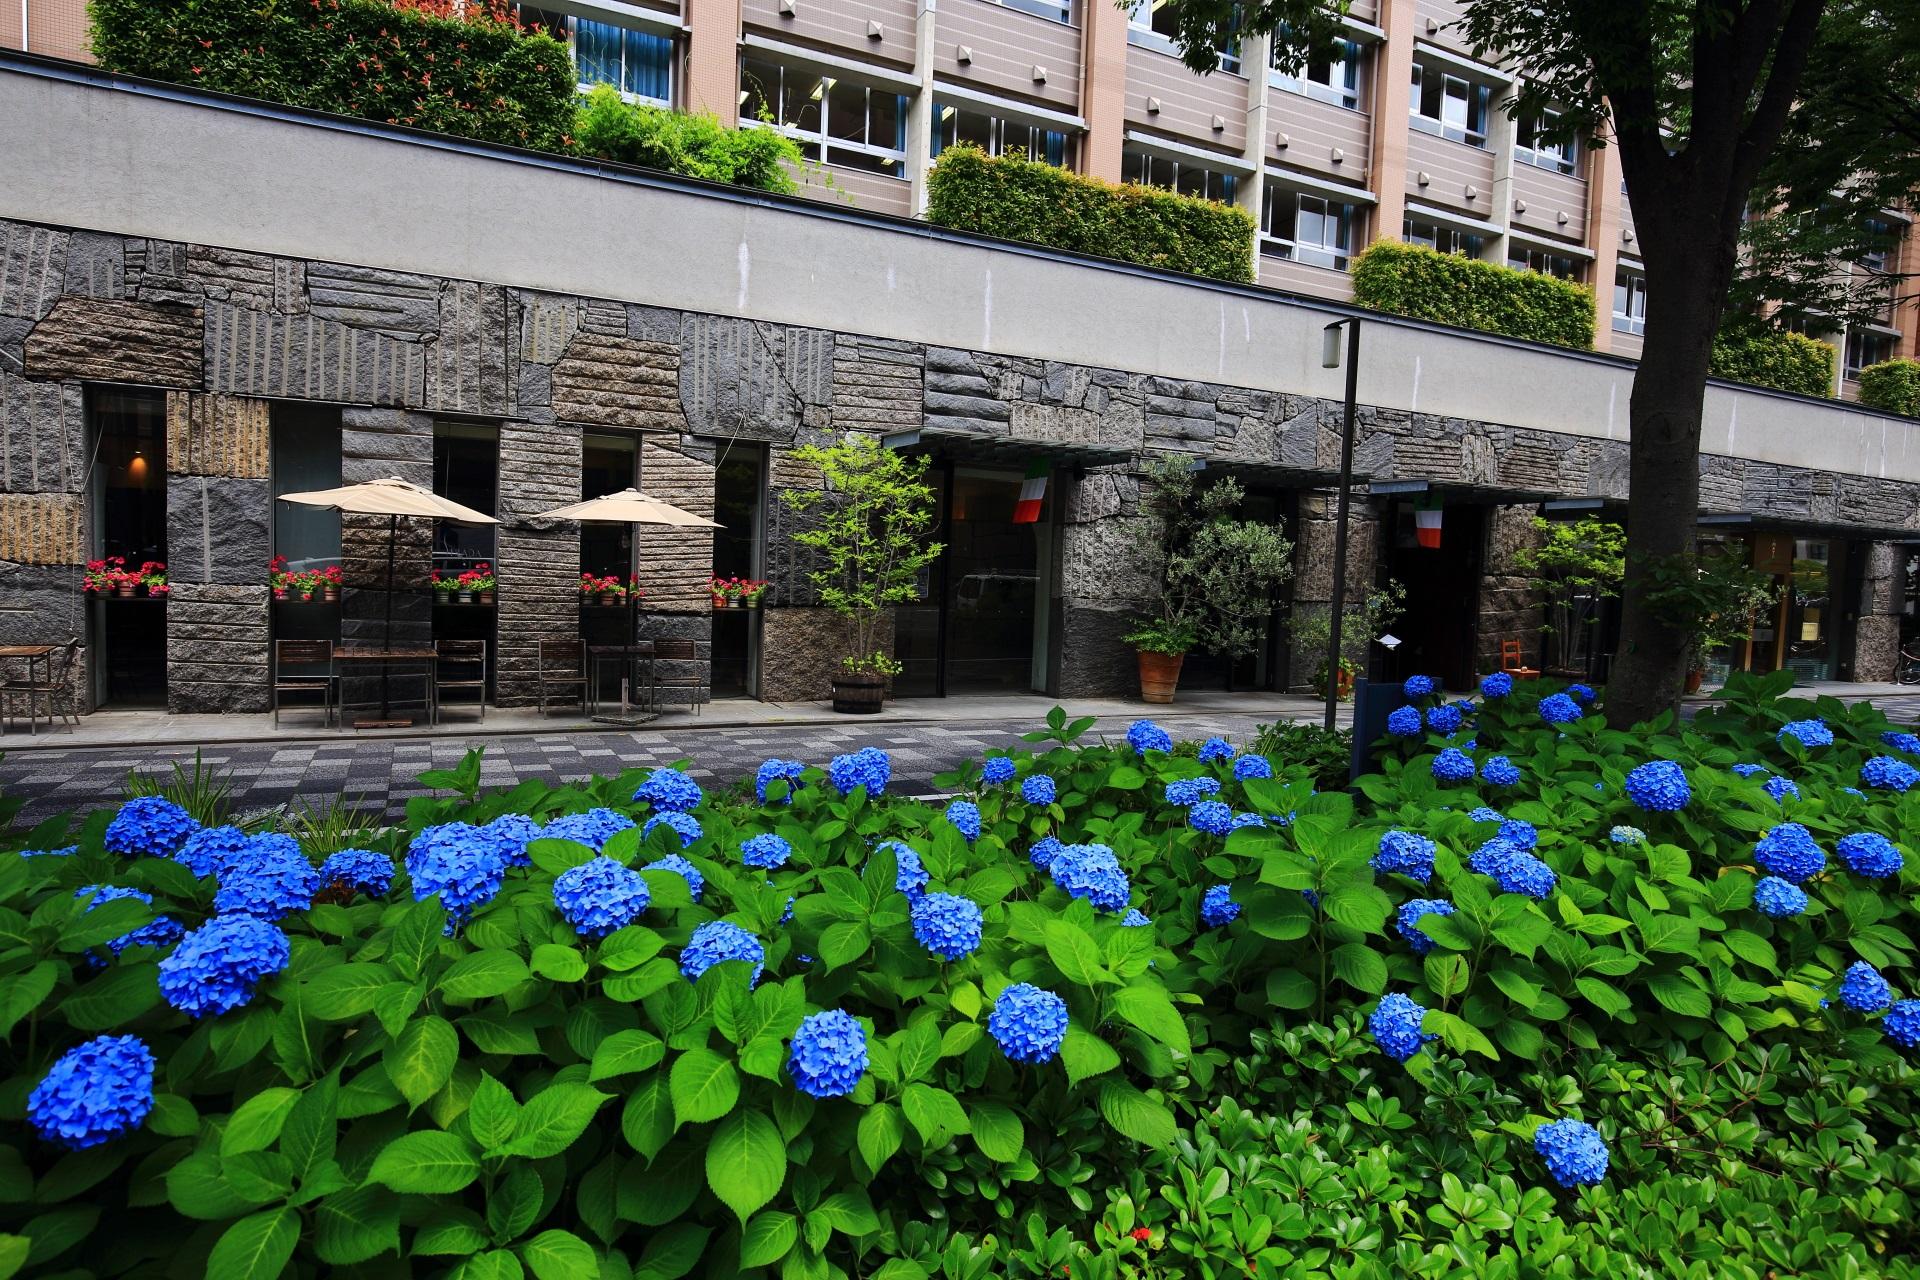 御池通 紫陽花 お洒落で鮮やかなブルーのアジサイ